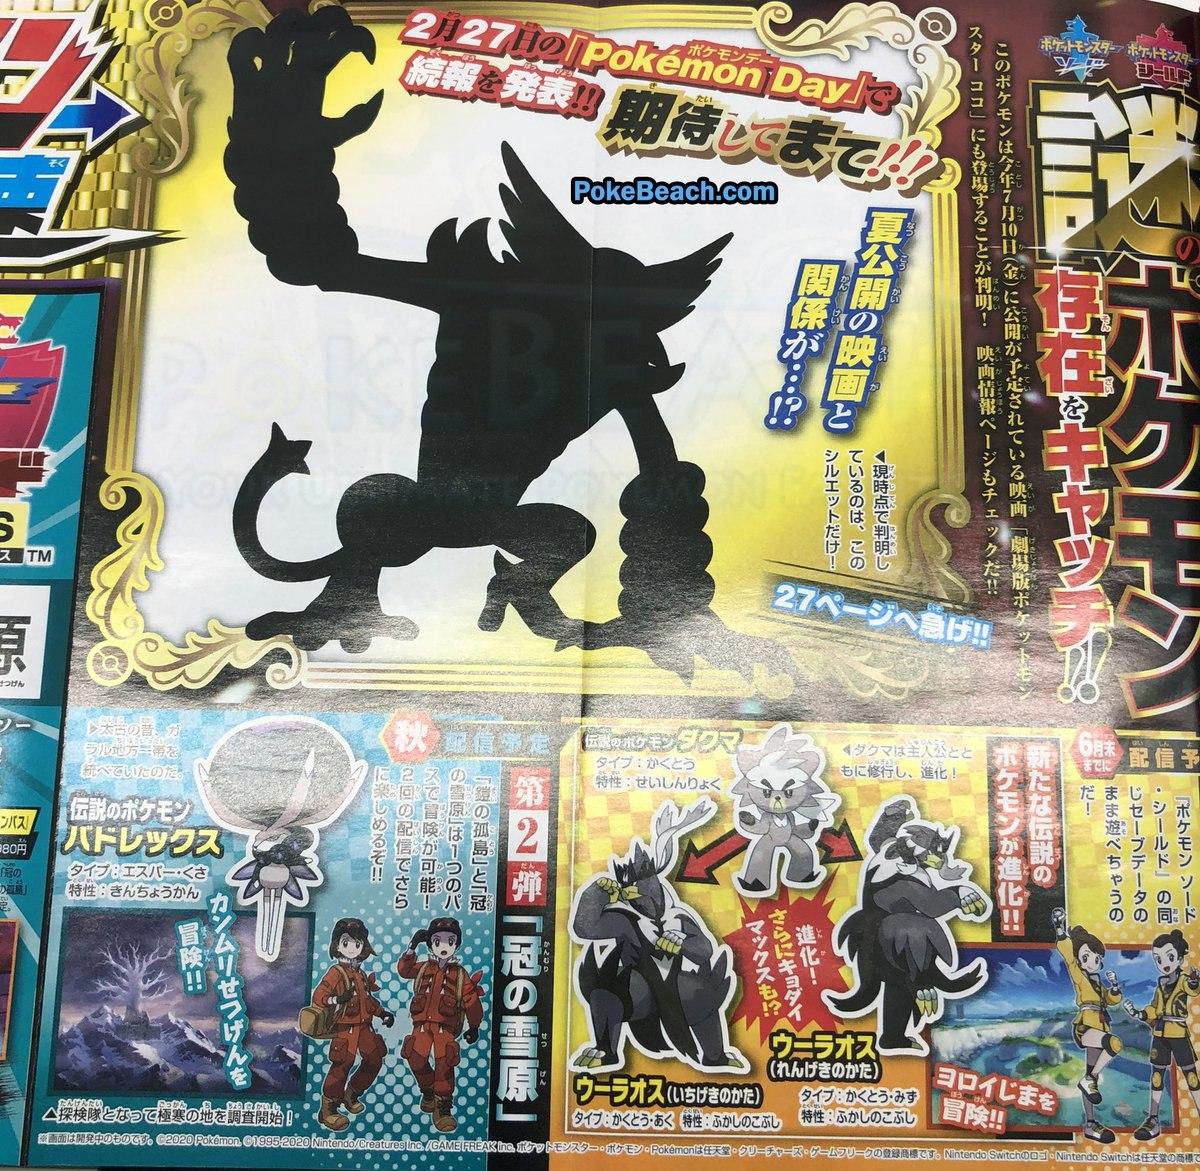 CoroCoro sagoma Pokémon misterioso 2020